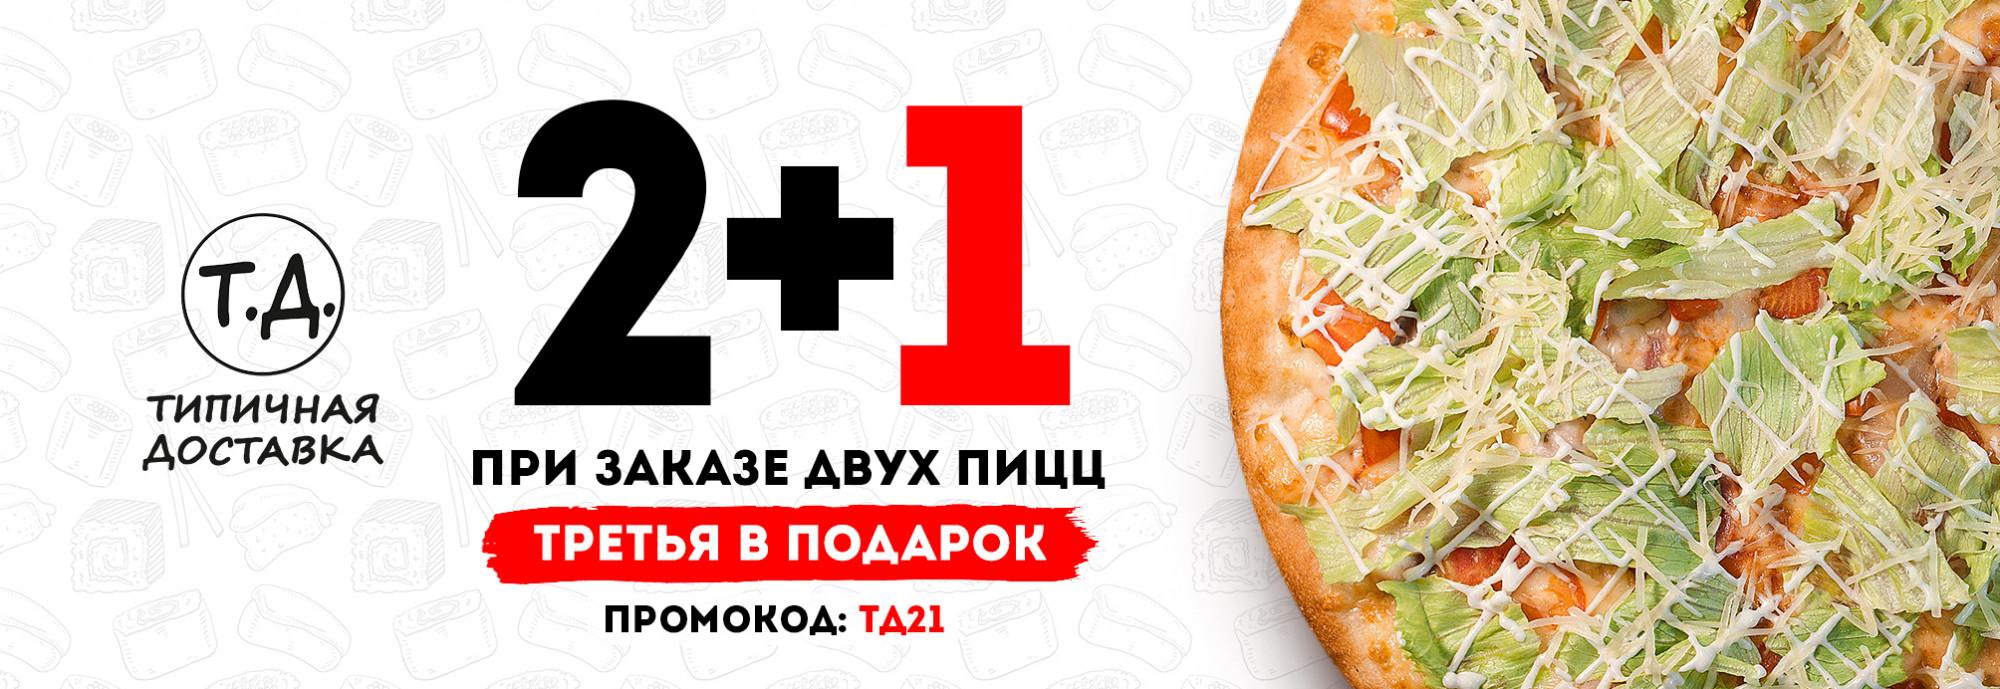 Каждая третья пицца в подарок!